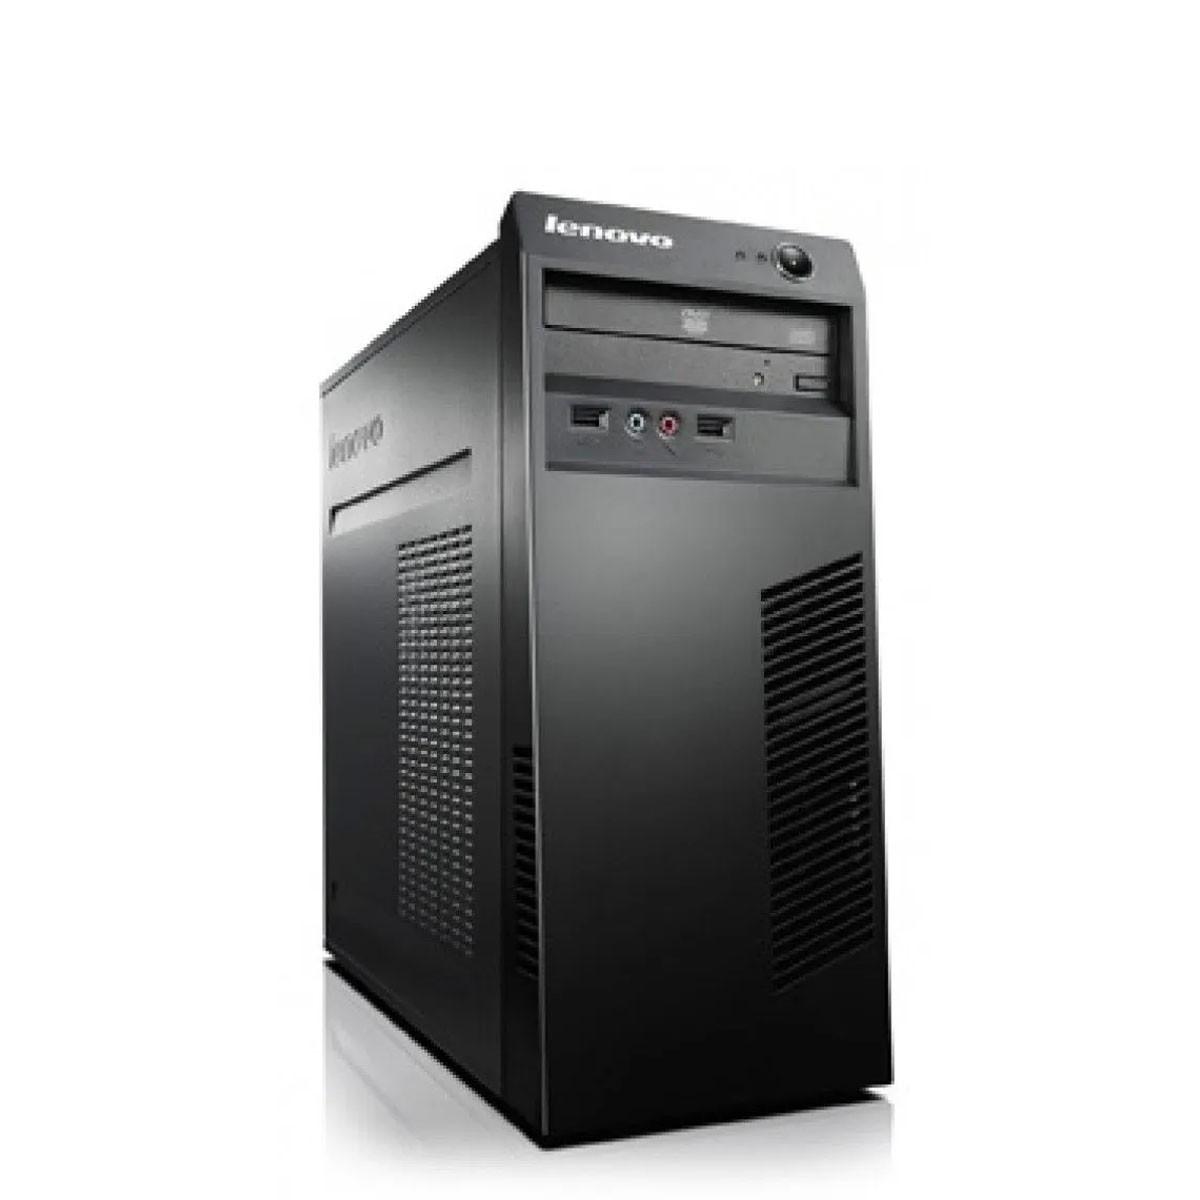 Computador Lenovo - Intel Dual Core - 4gb ram ddr2 - HD de 160gb